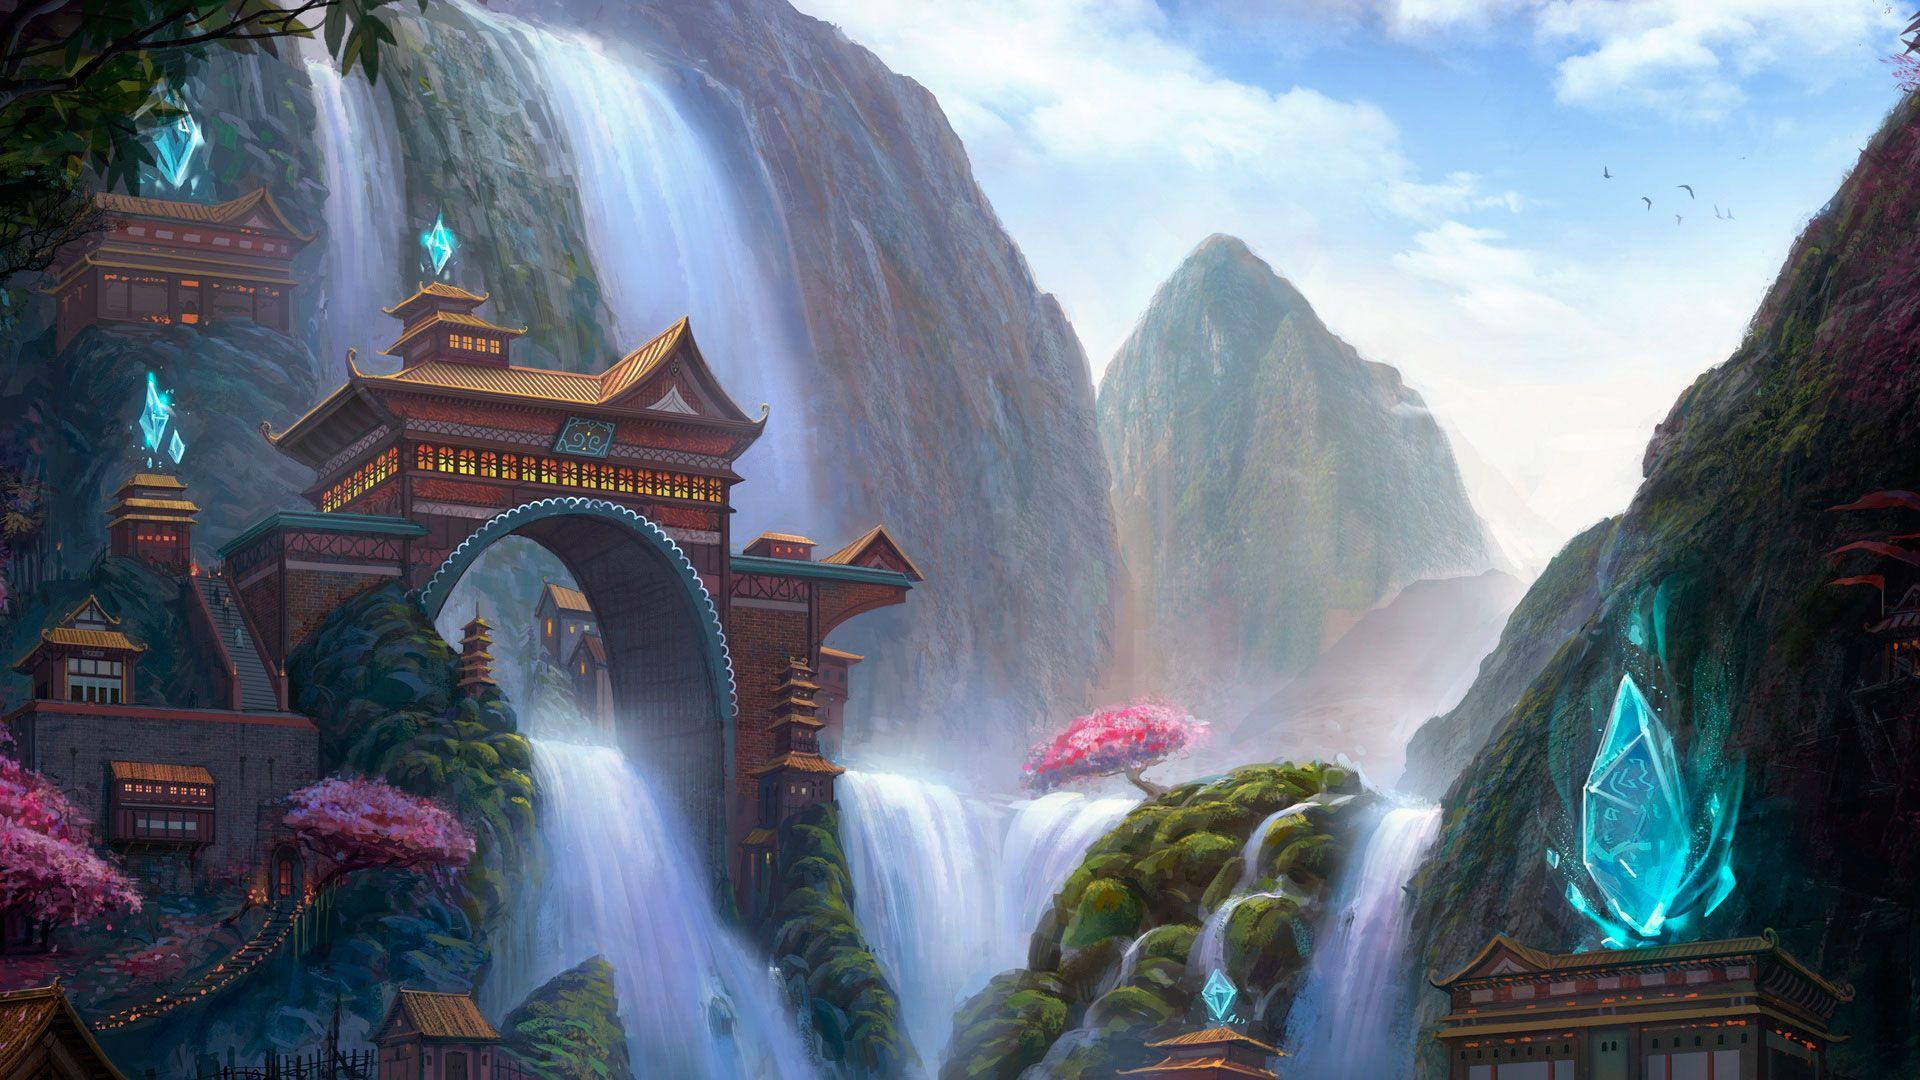 Tibet hd wallpaper download